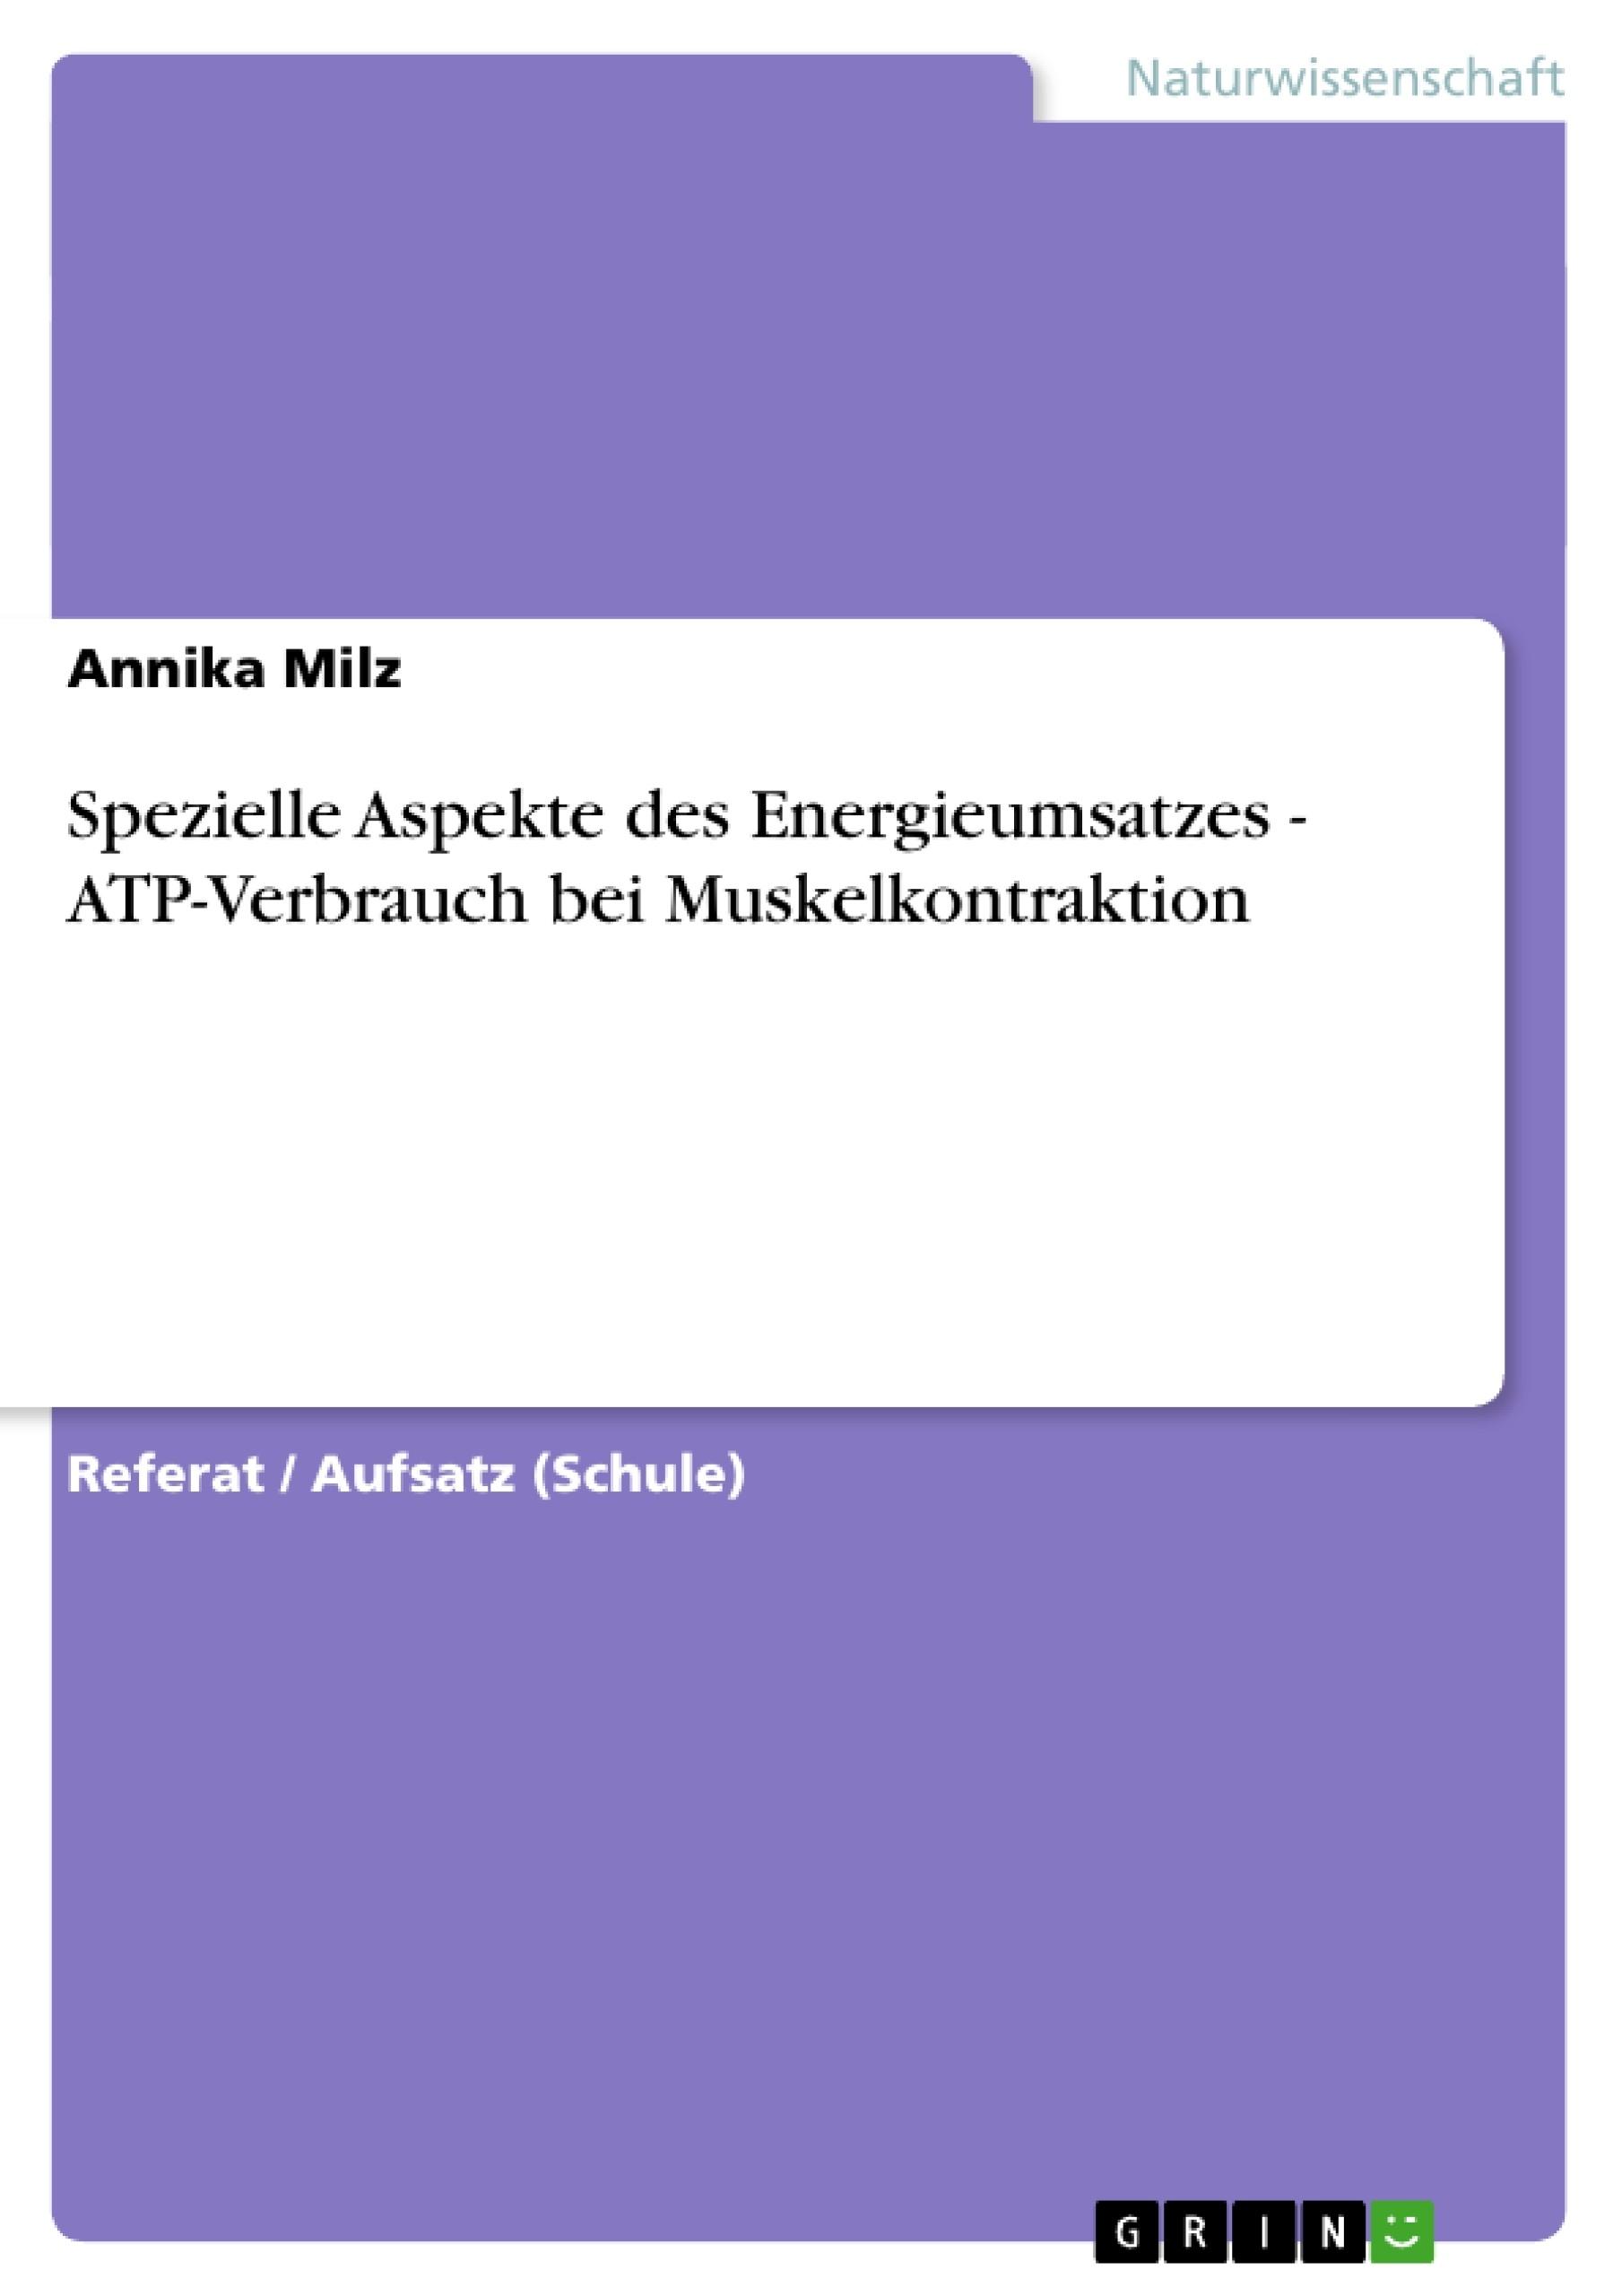 Titel: Spezielle Aspekte des Energieumsatzes - ATP-Verbrauch bei Muskelkontraktion